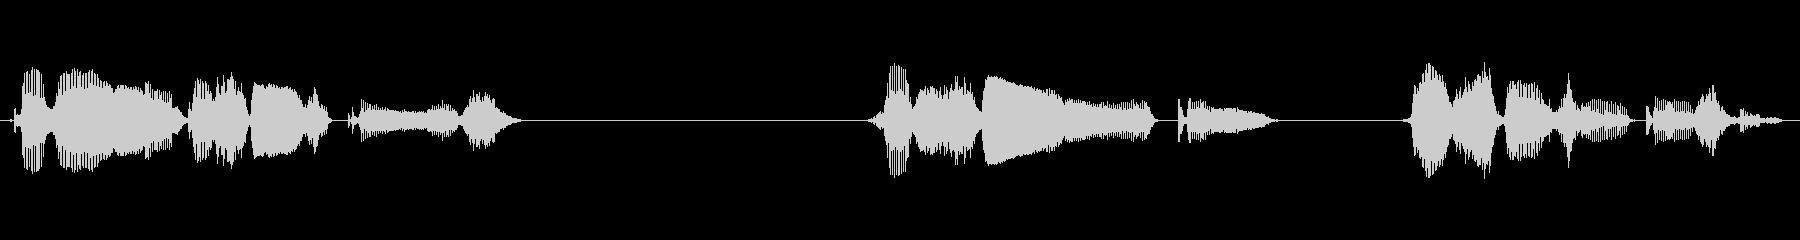 ただ今留守にしています、発信音の後にメ…の未再生の波形